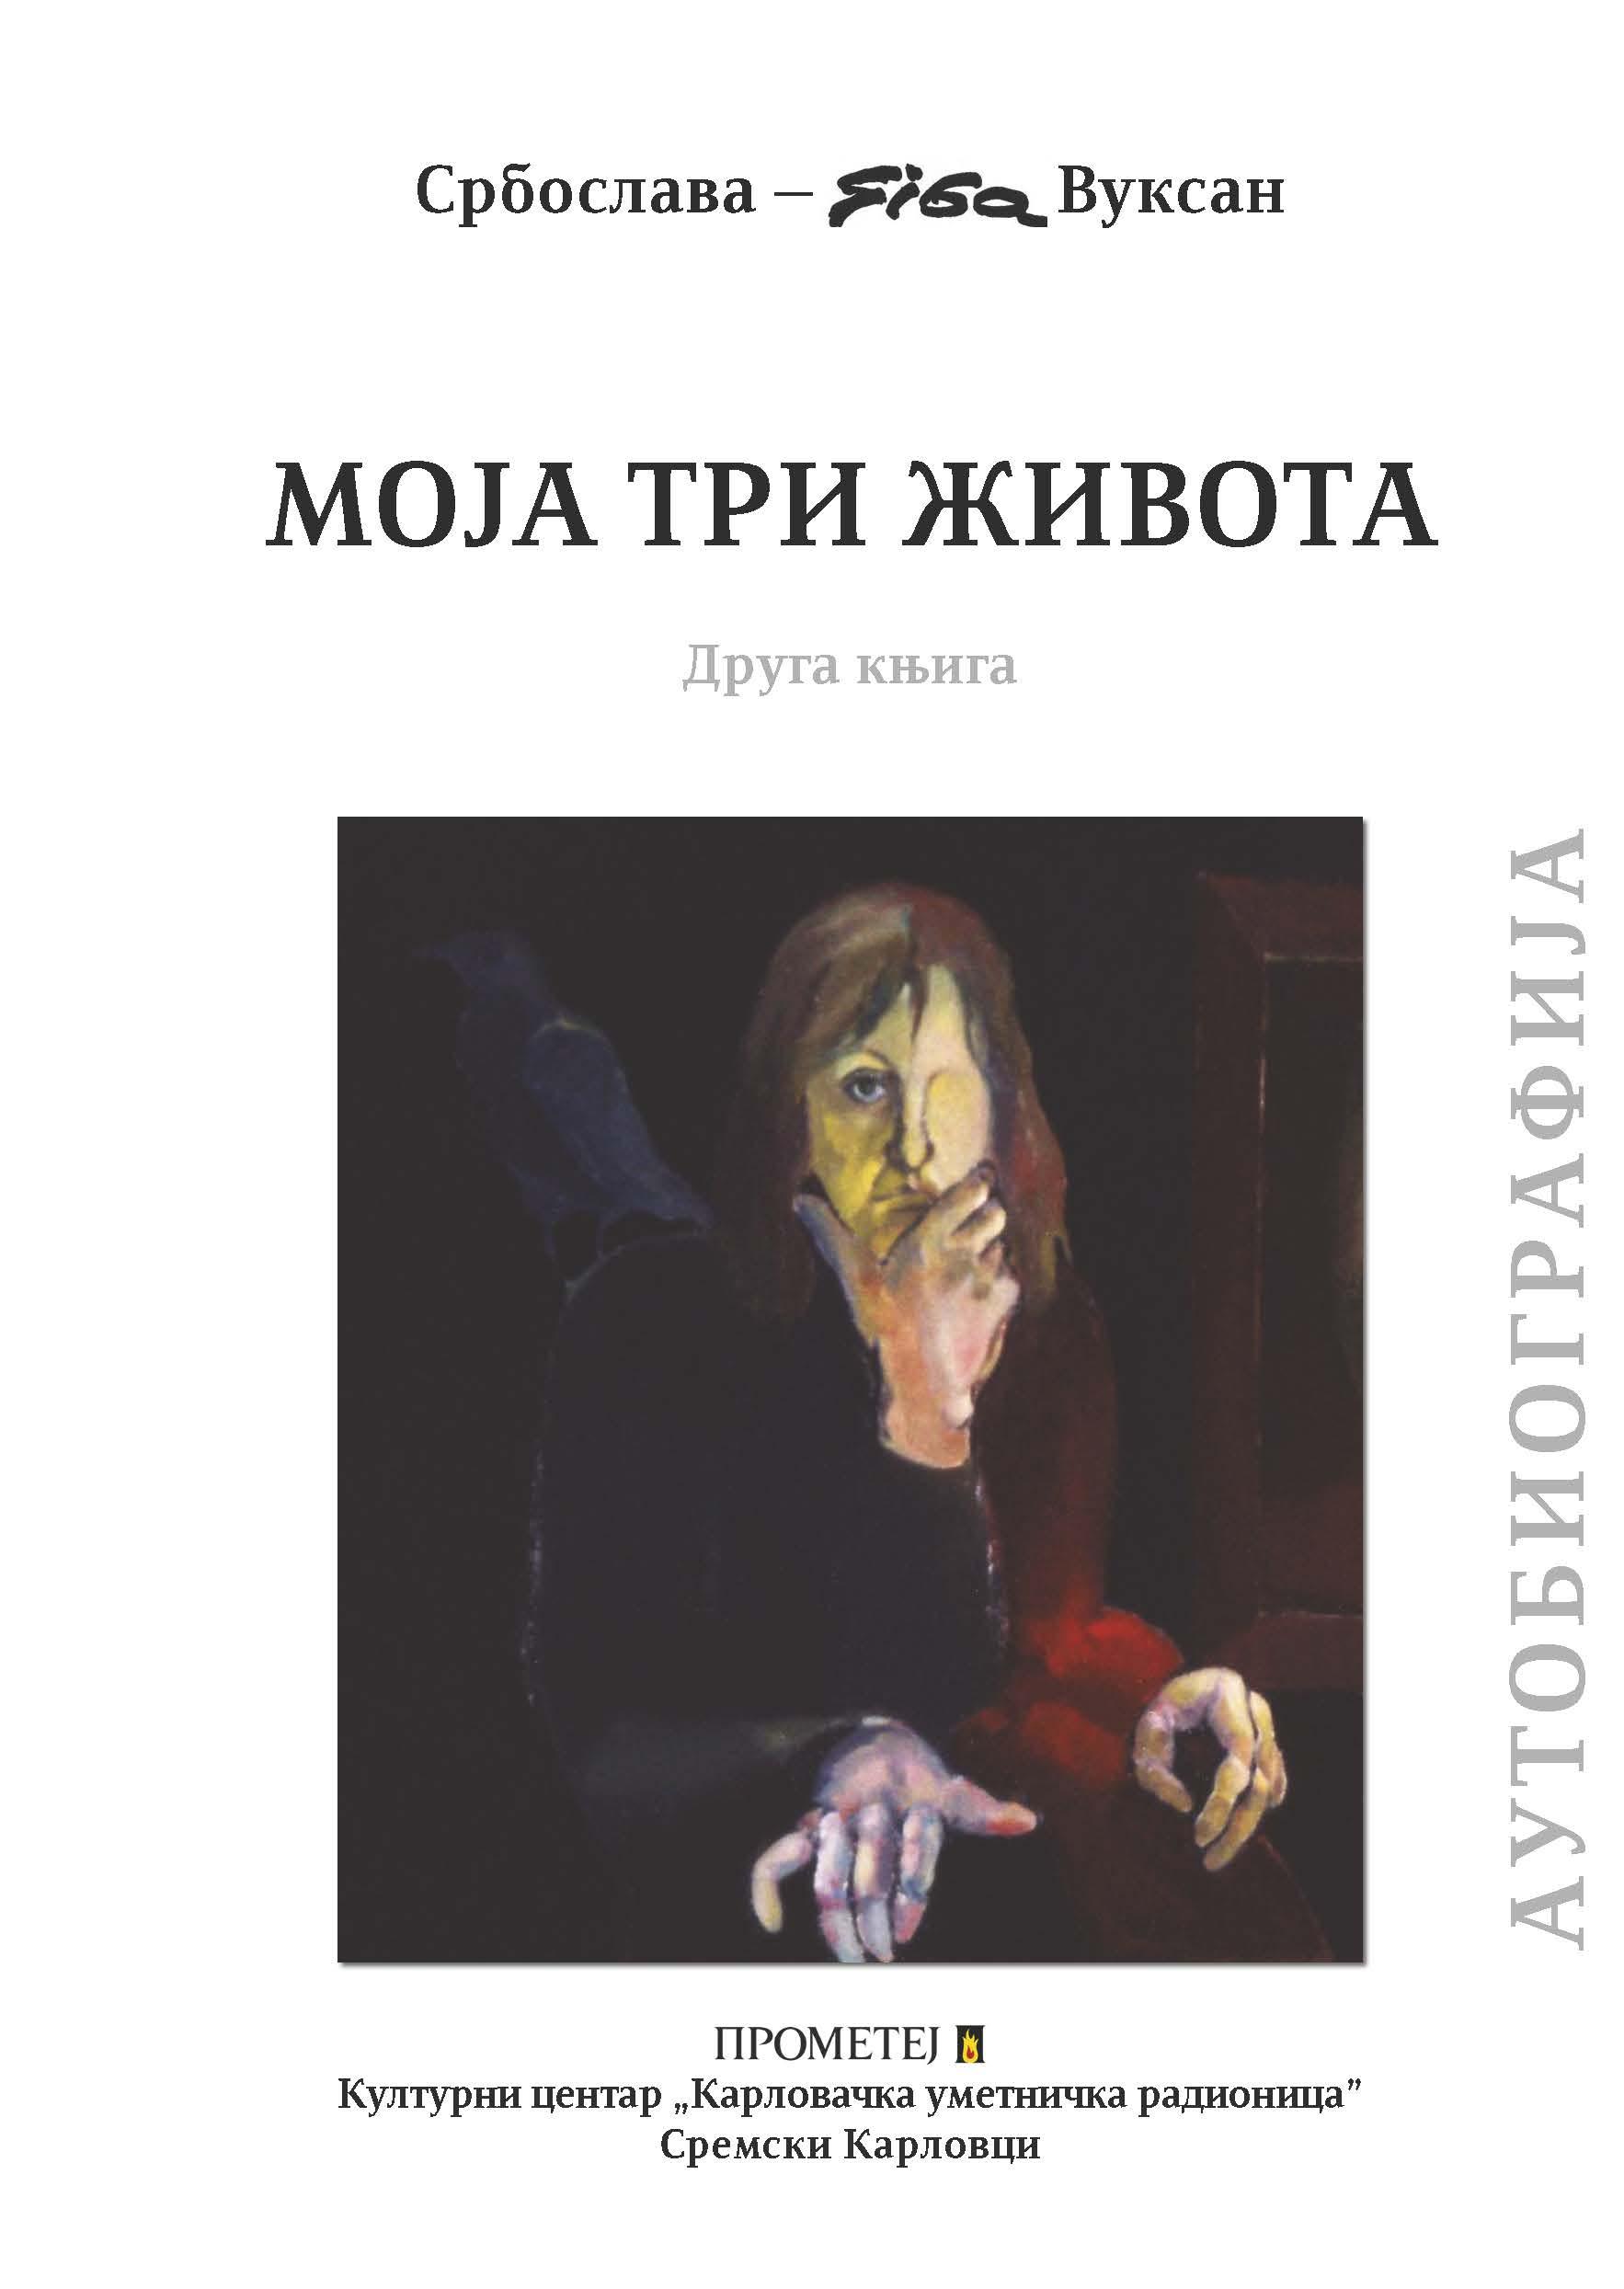 Моја три живота – књига друга